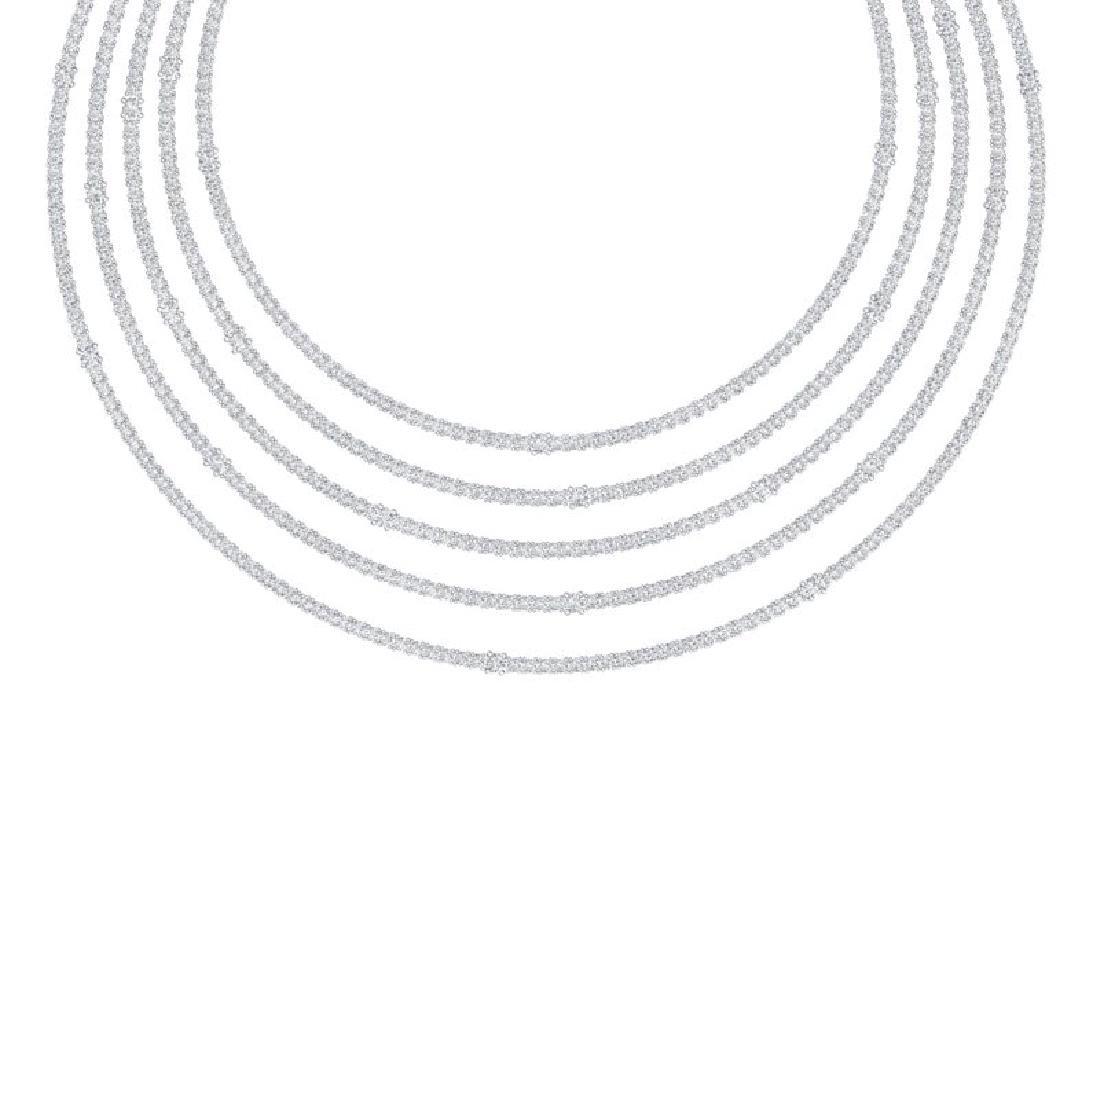 60 CTW Certified VS/SI Diamond Love Necklace 18K White